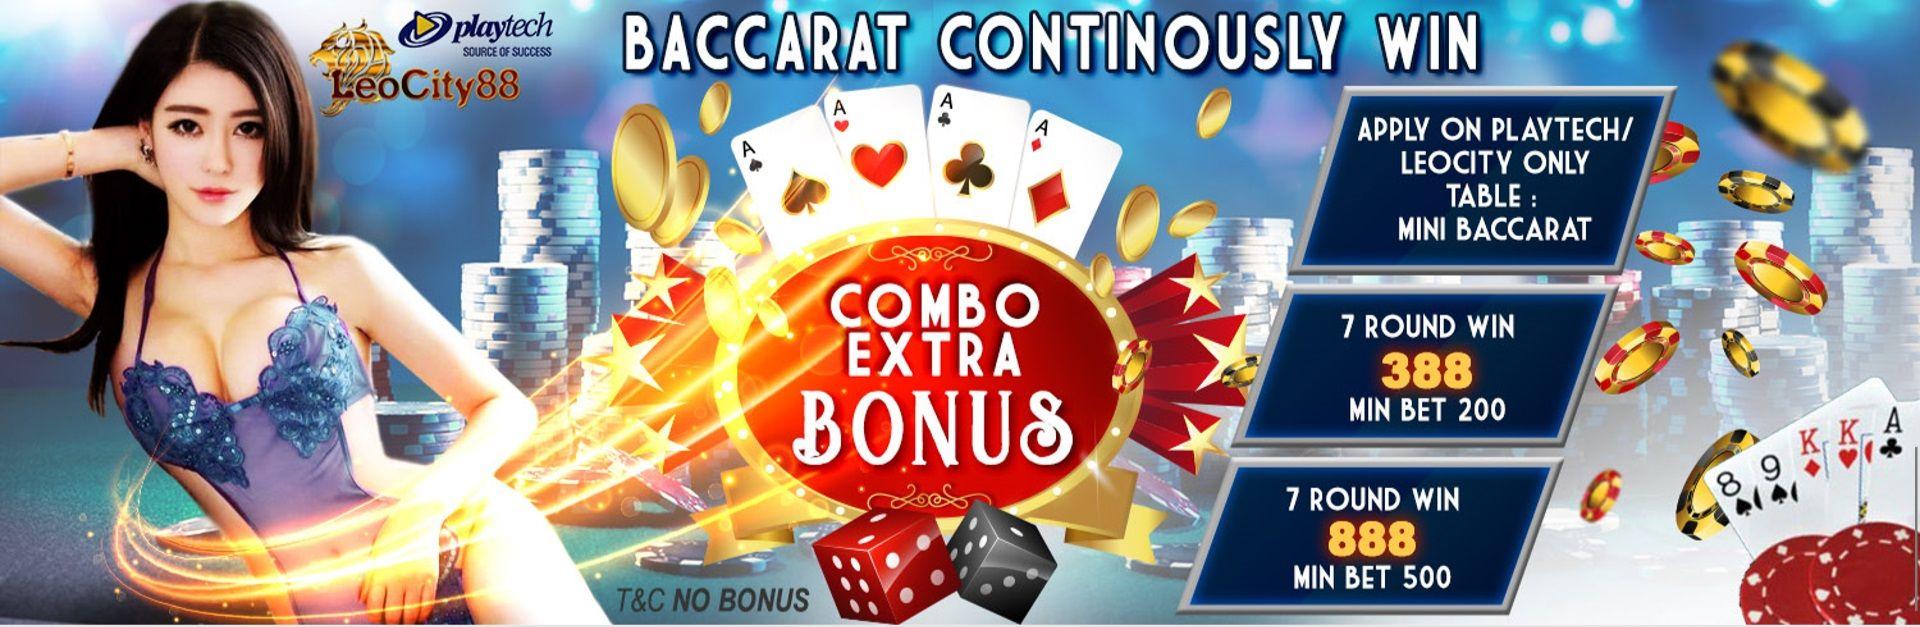 казино бестфорплей отзывы